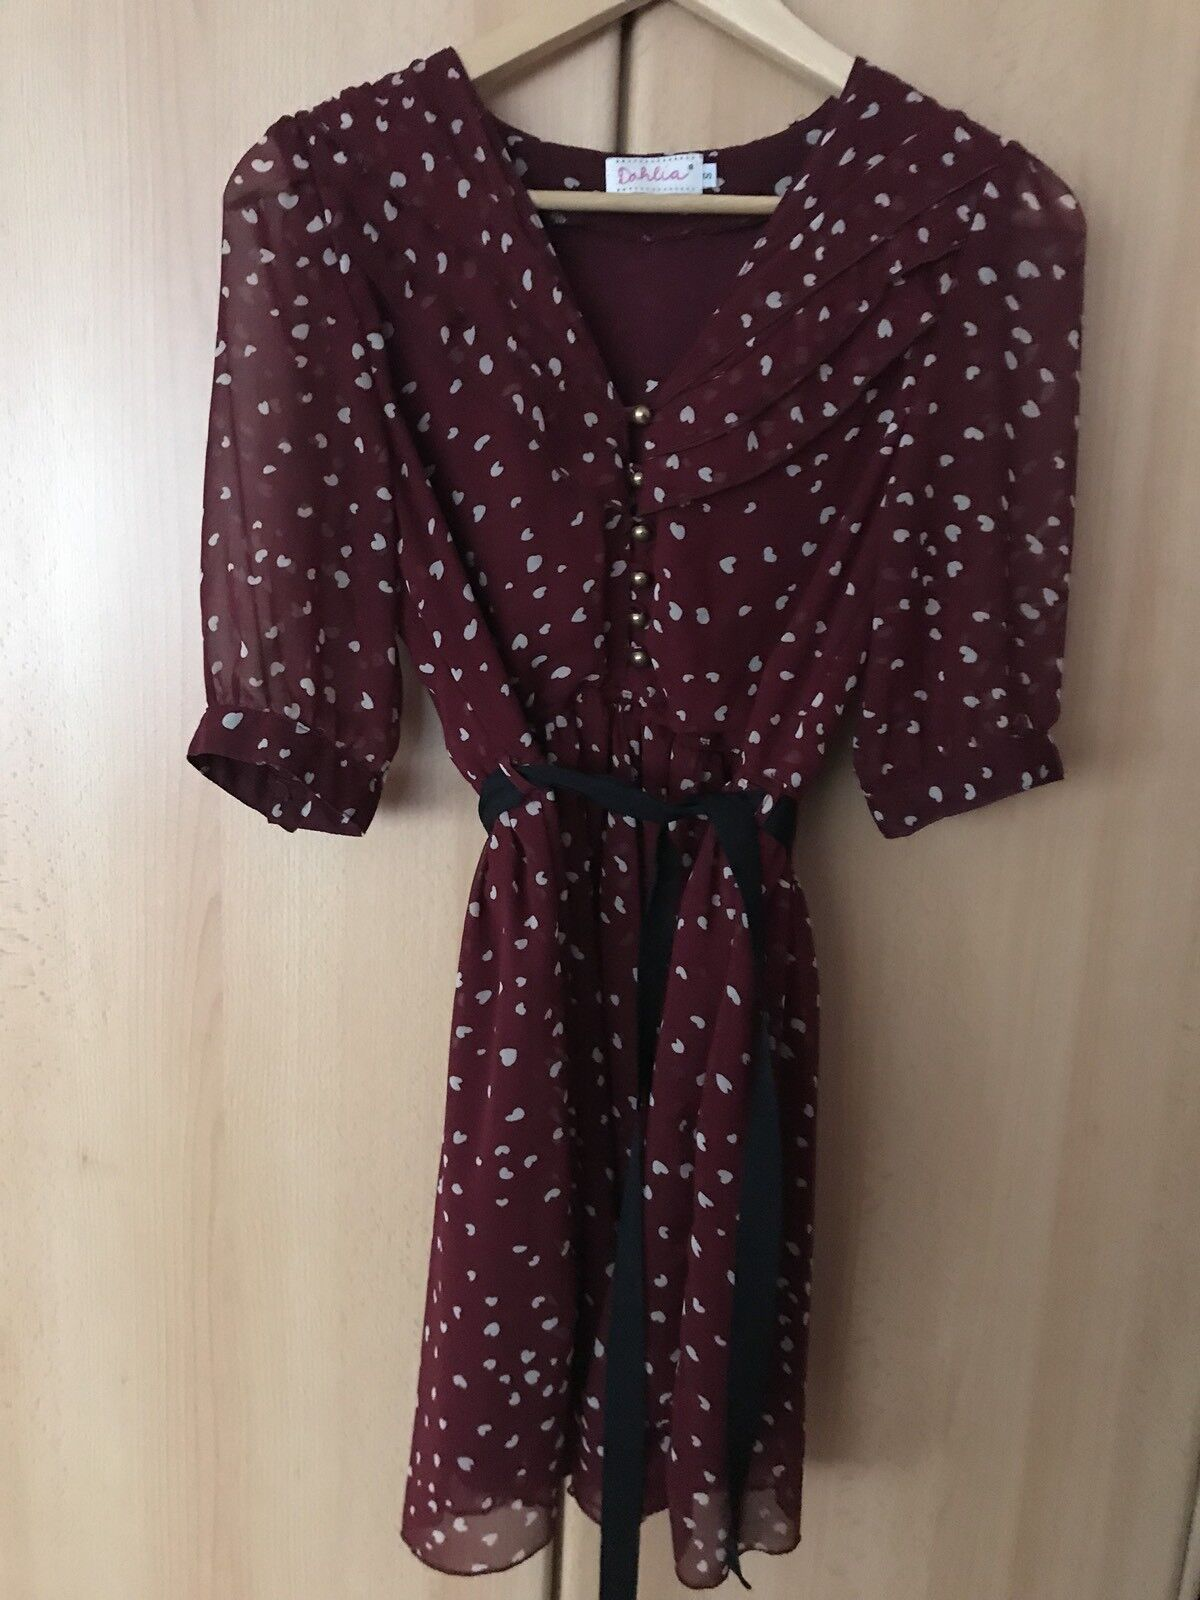 Dahlia Asos Kleid Damenkleid Sommerkleid 36 S